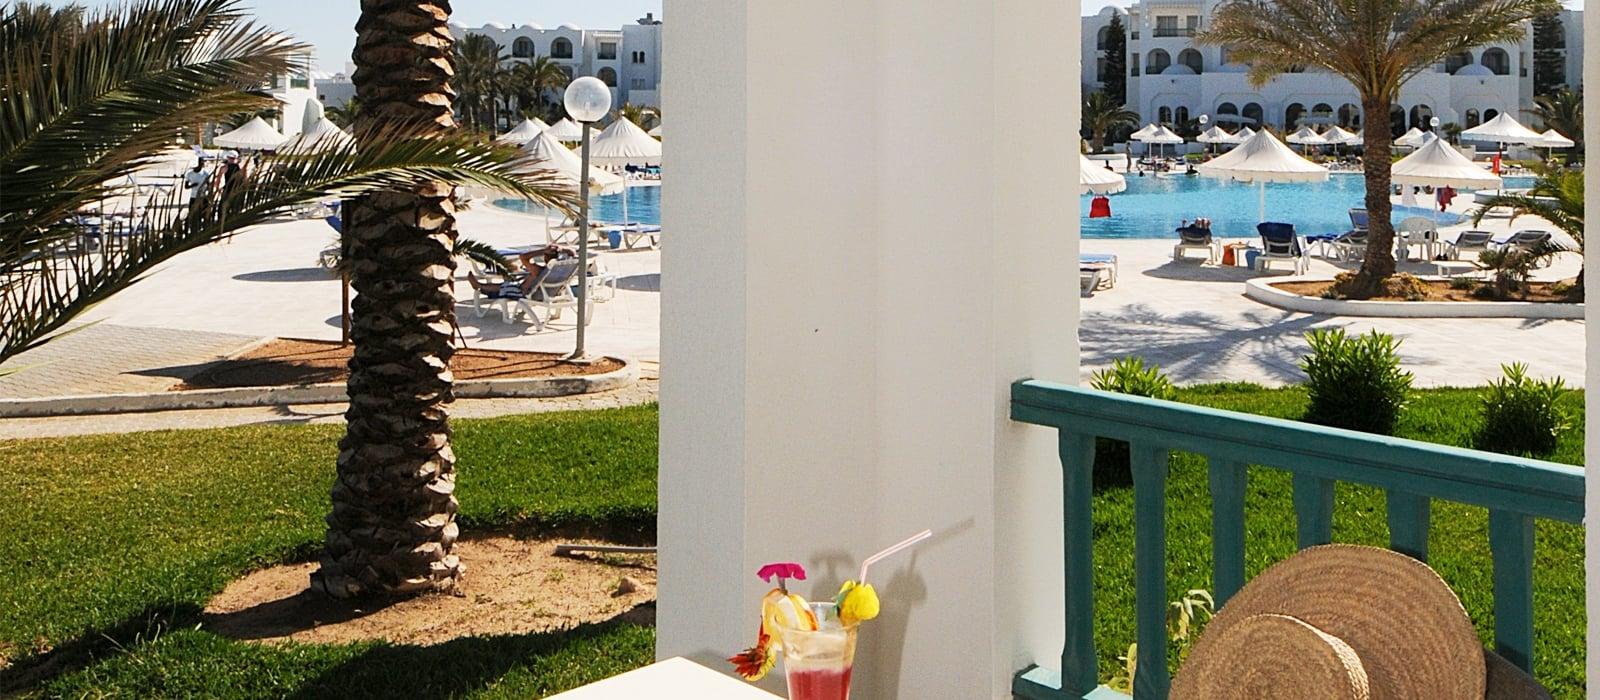 Rooms Hotel Vincci Djerba Hélios Beach - Single Sea View Room